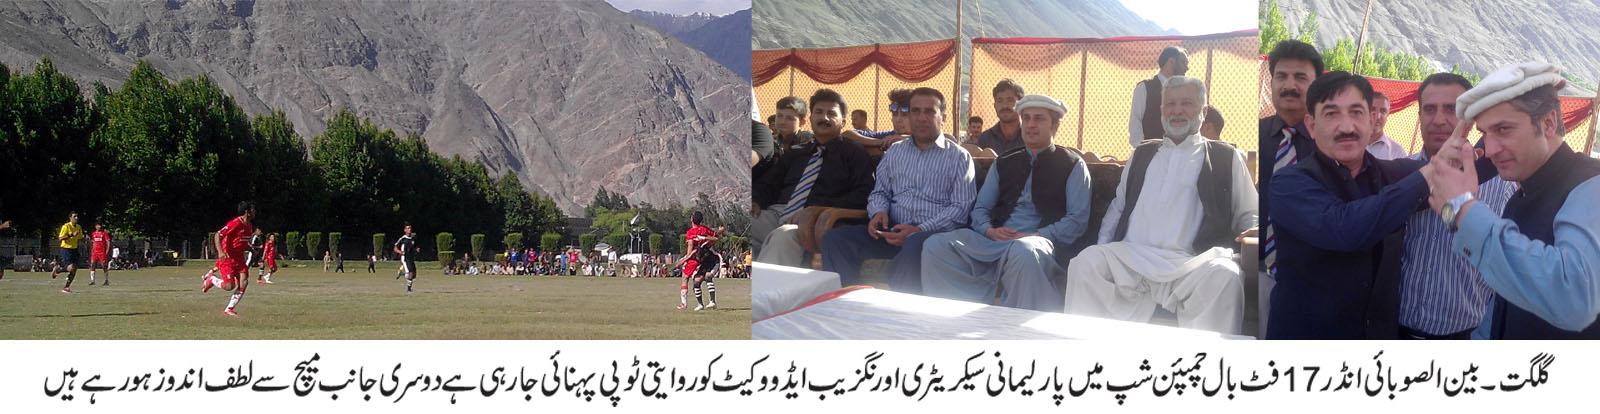 اسلام آباد اور سندھ انڈر 17 بین الصوبائی فٹبال چیمپین شپ کے فائنل میں پہنچ گئے، بلوچستان اور گلگت بلتستان کو شکست کا سامنا